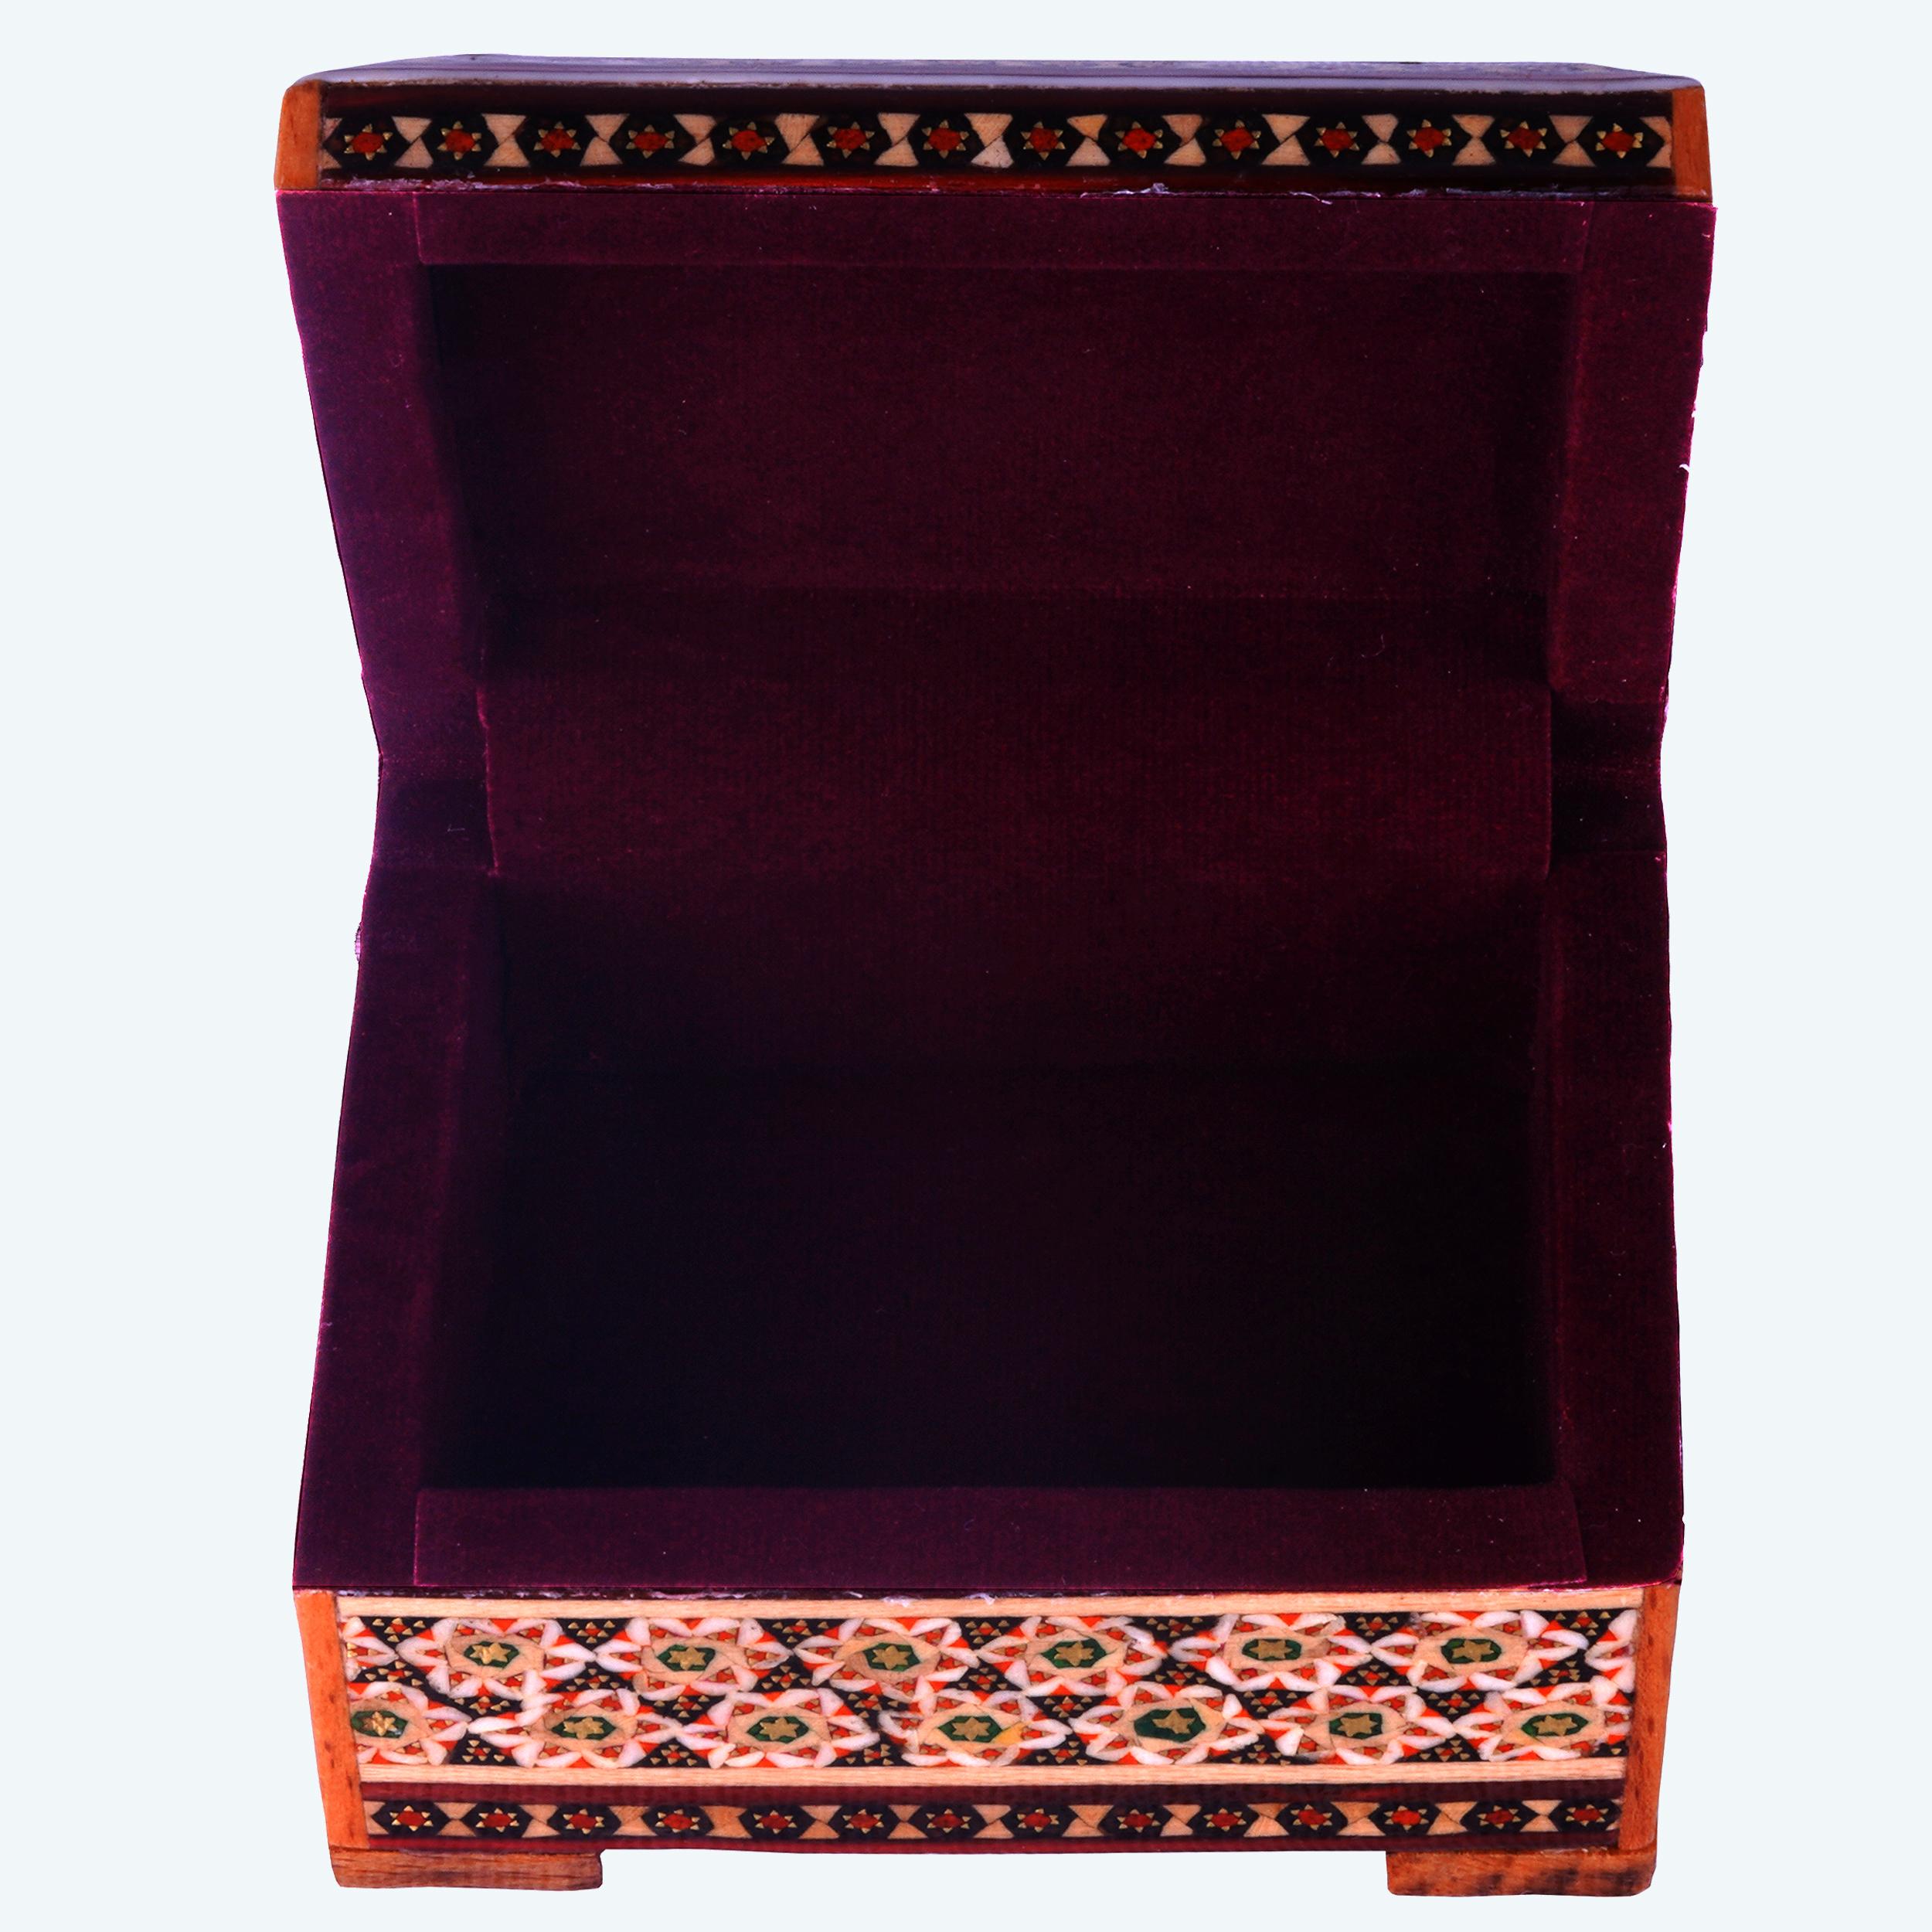 خرید                      جعبه جواهرات خاتم کاری مدل گل و مرغ کد 18